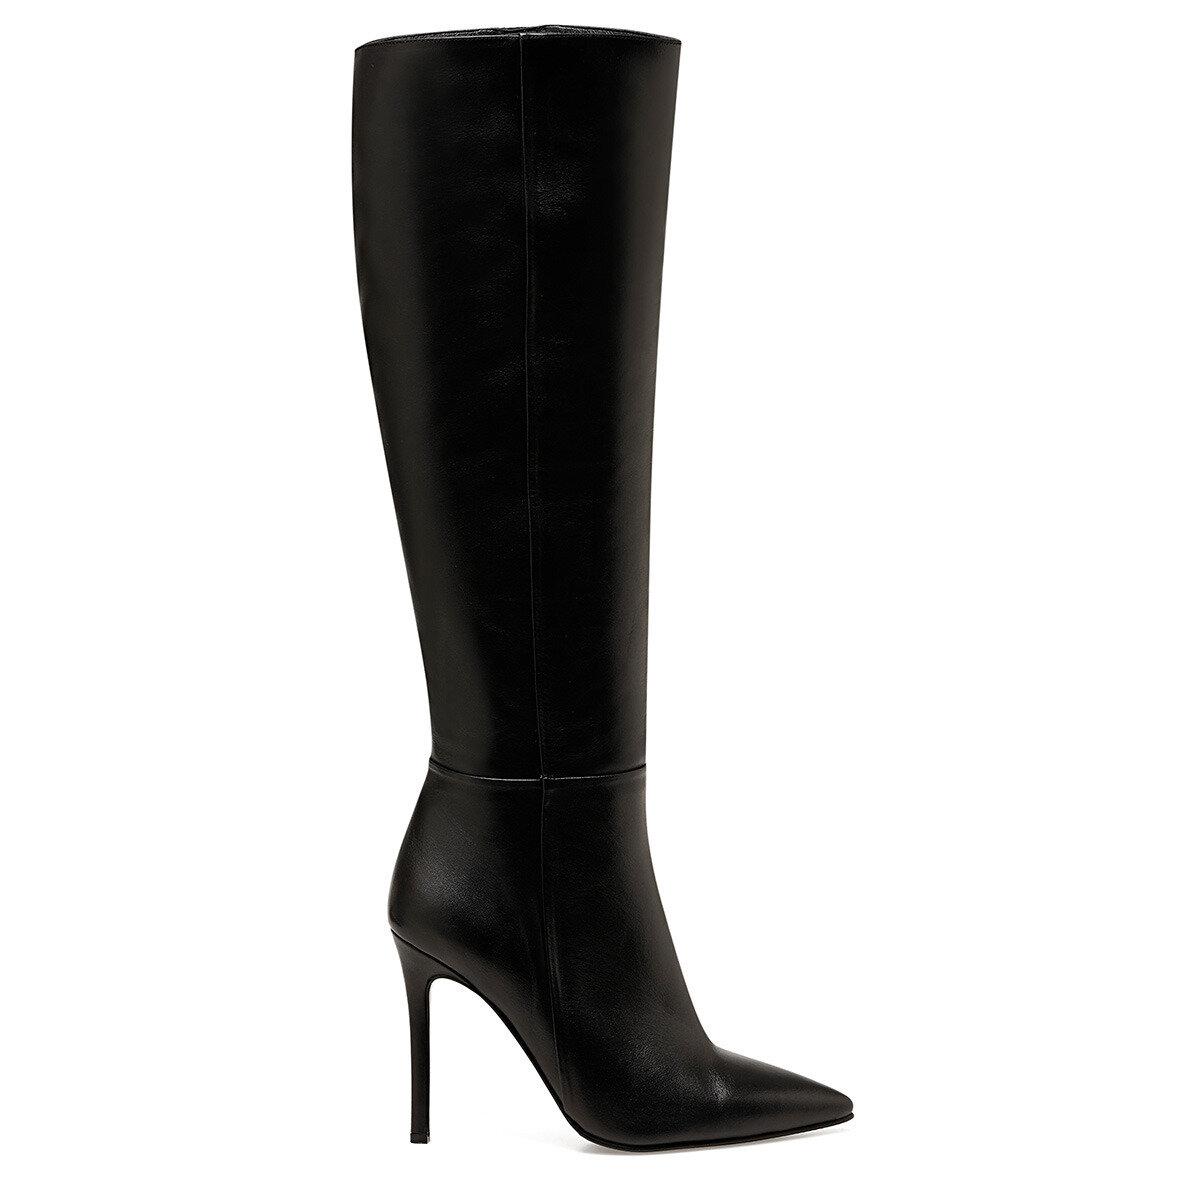 MISTA Siyah Kadın Topuklu Çizme